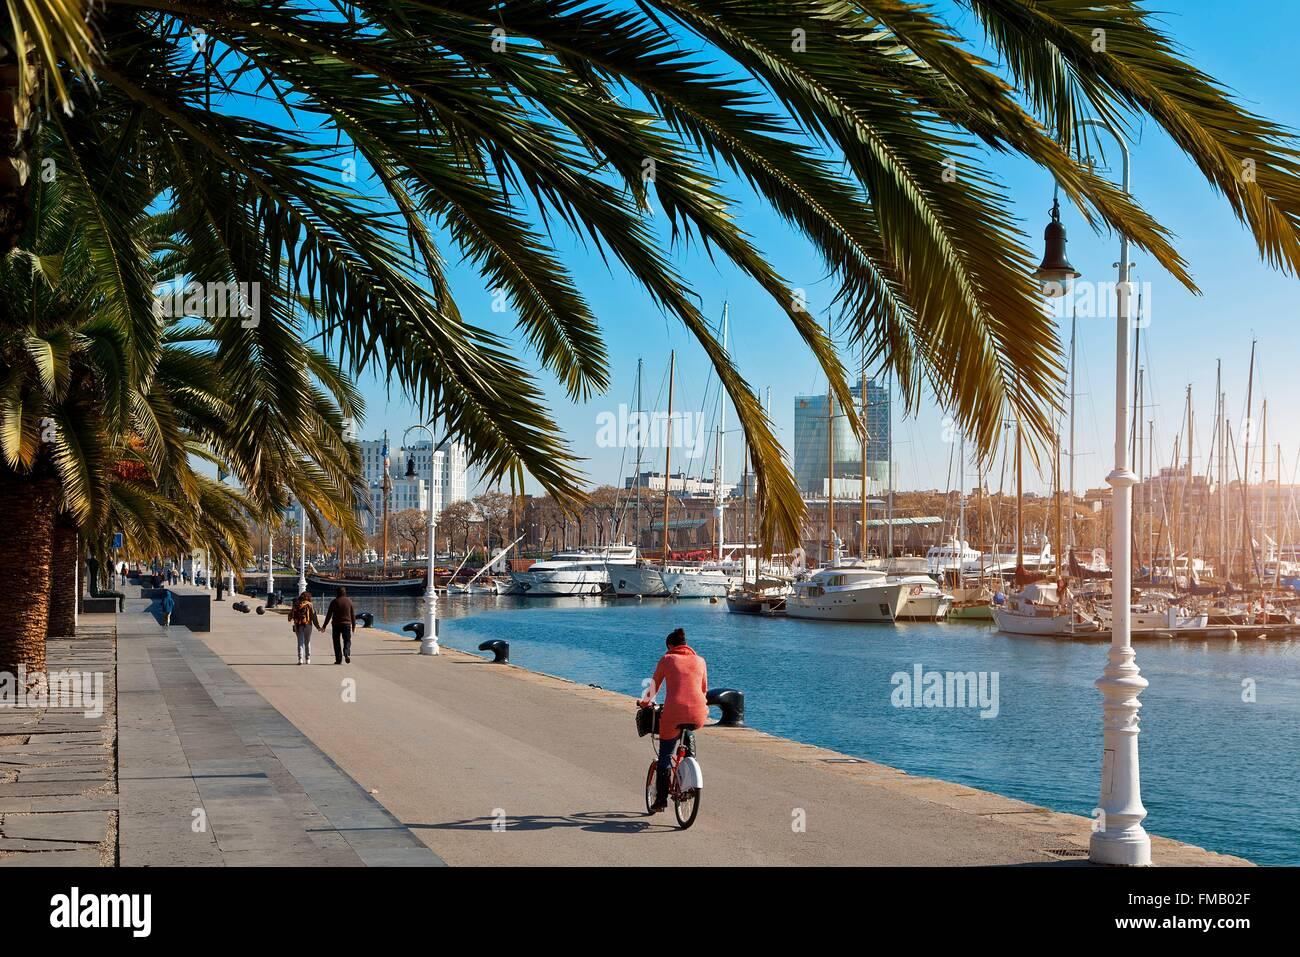 In Spagna, in Catalogna, Barcellona, Mariscal è la gamba, Port Vell Foto Stock